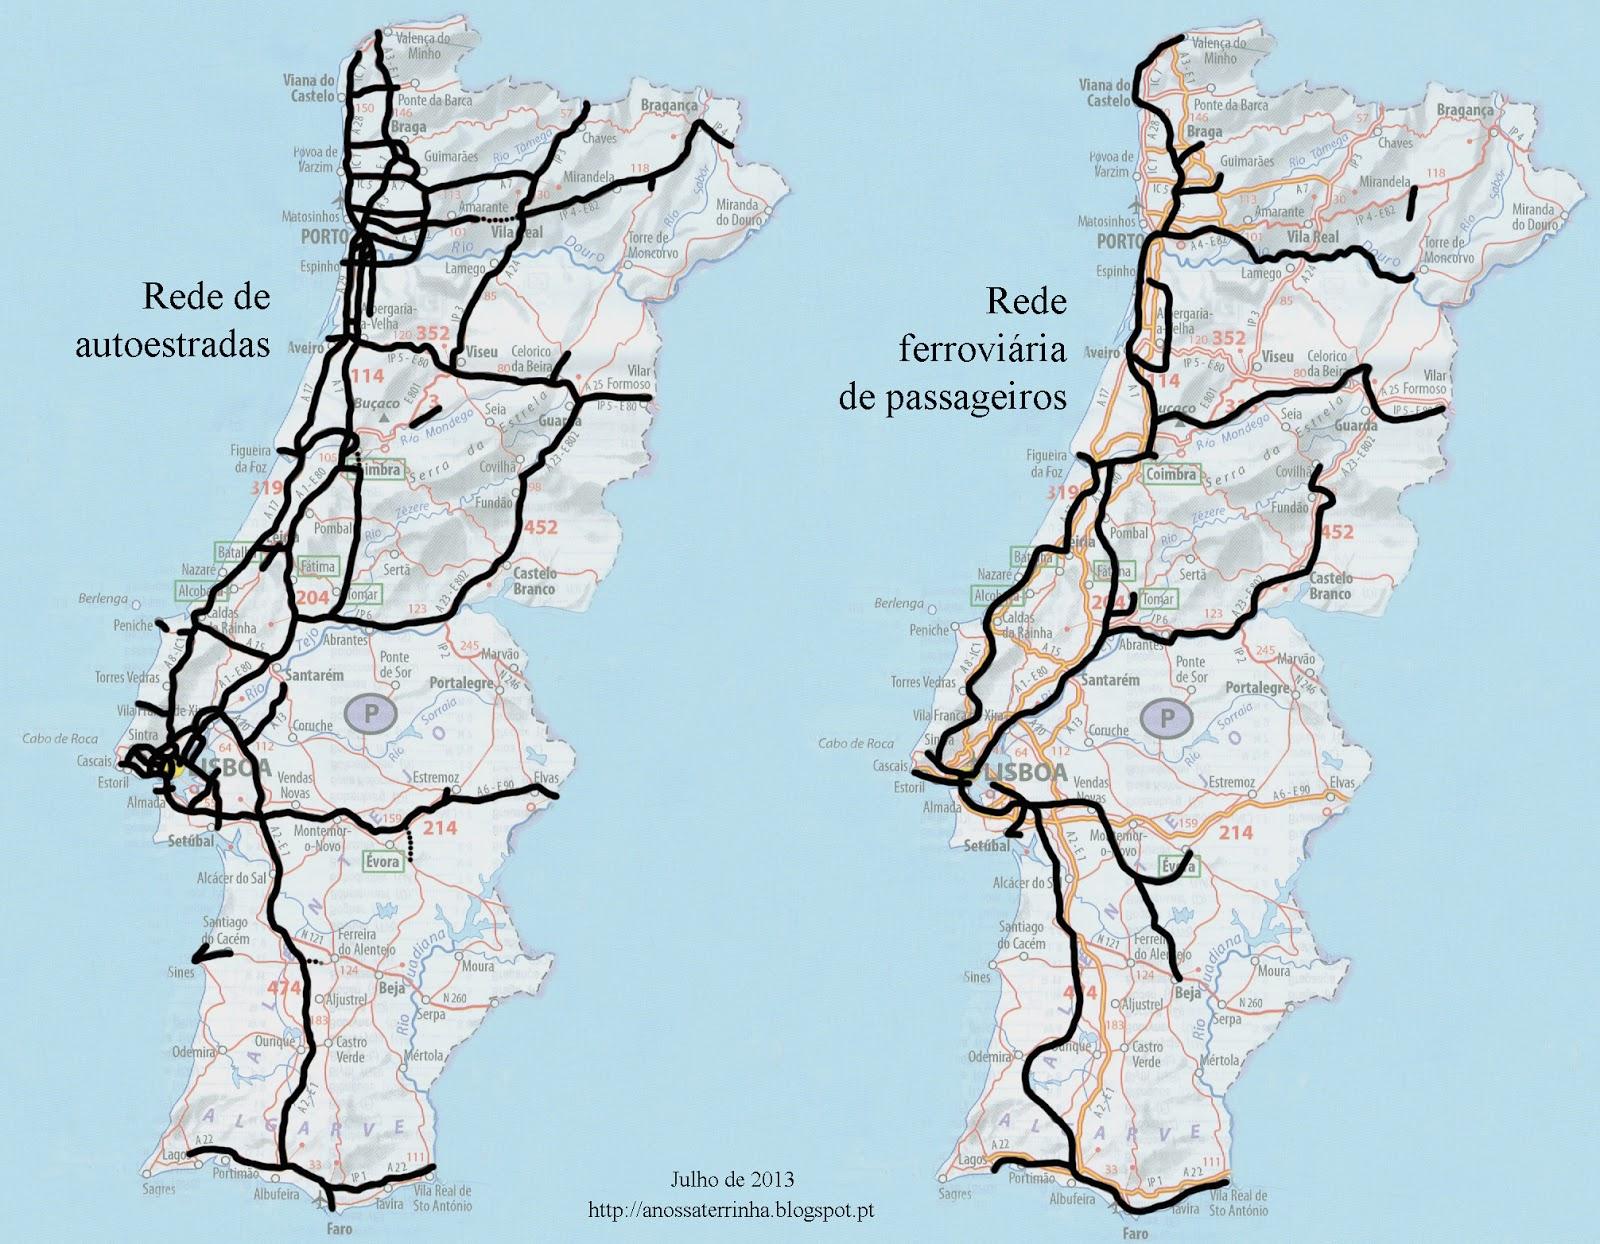 mapa de autoestradas de portugal 2013 A Nossa Terrinha: Ferrovia e autoestradas (mapas) mapa de autoestradas de portugal 2013